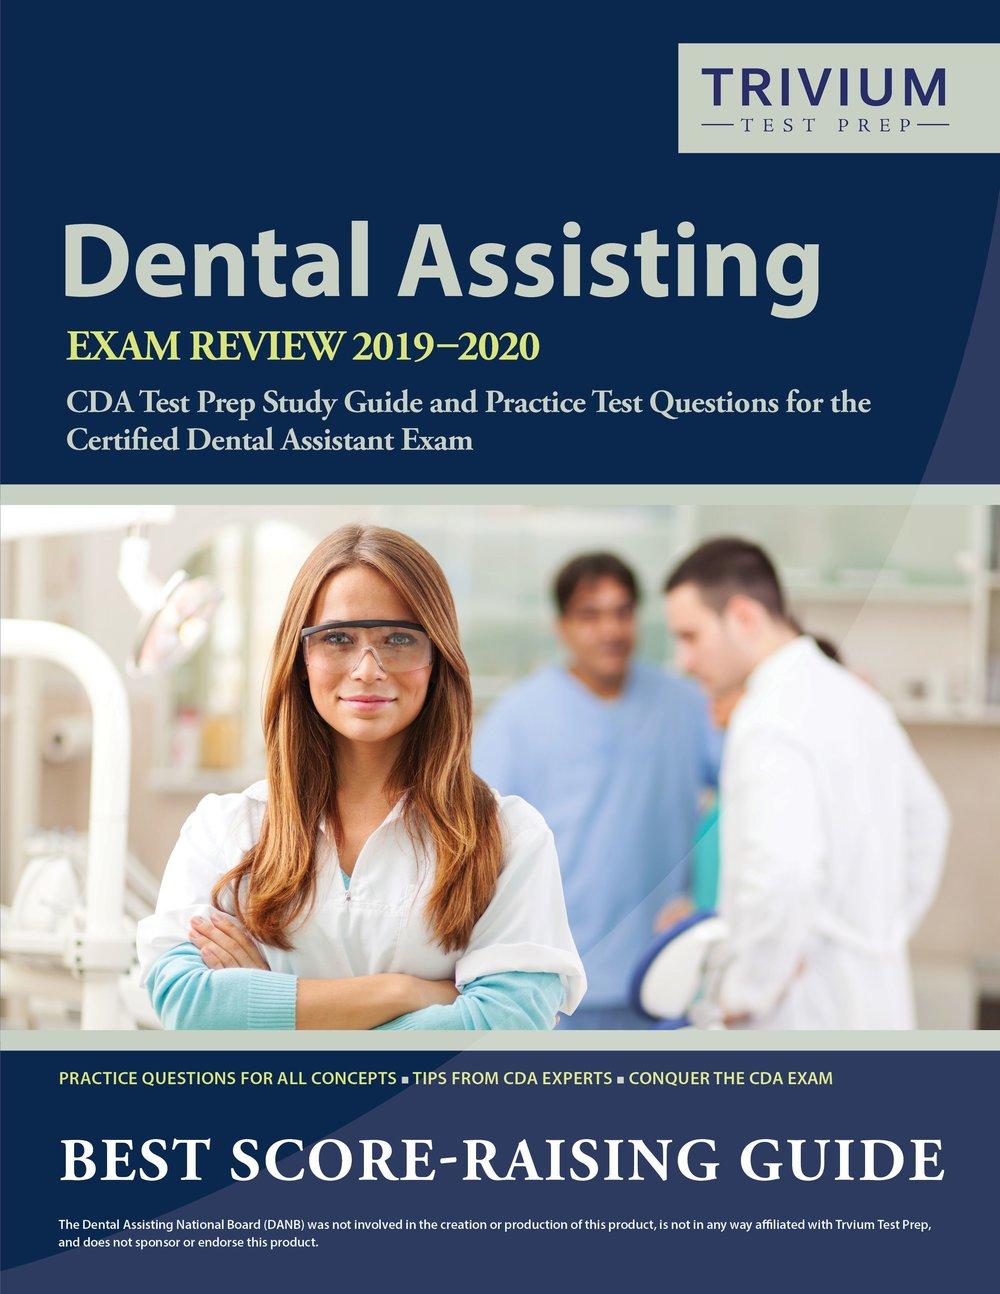 DAN-B Dental Assisting Exam Review